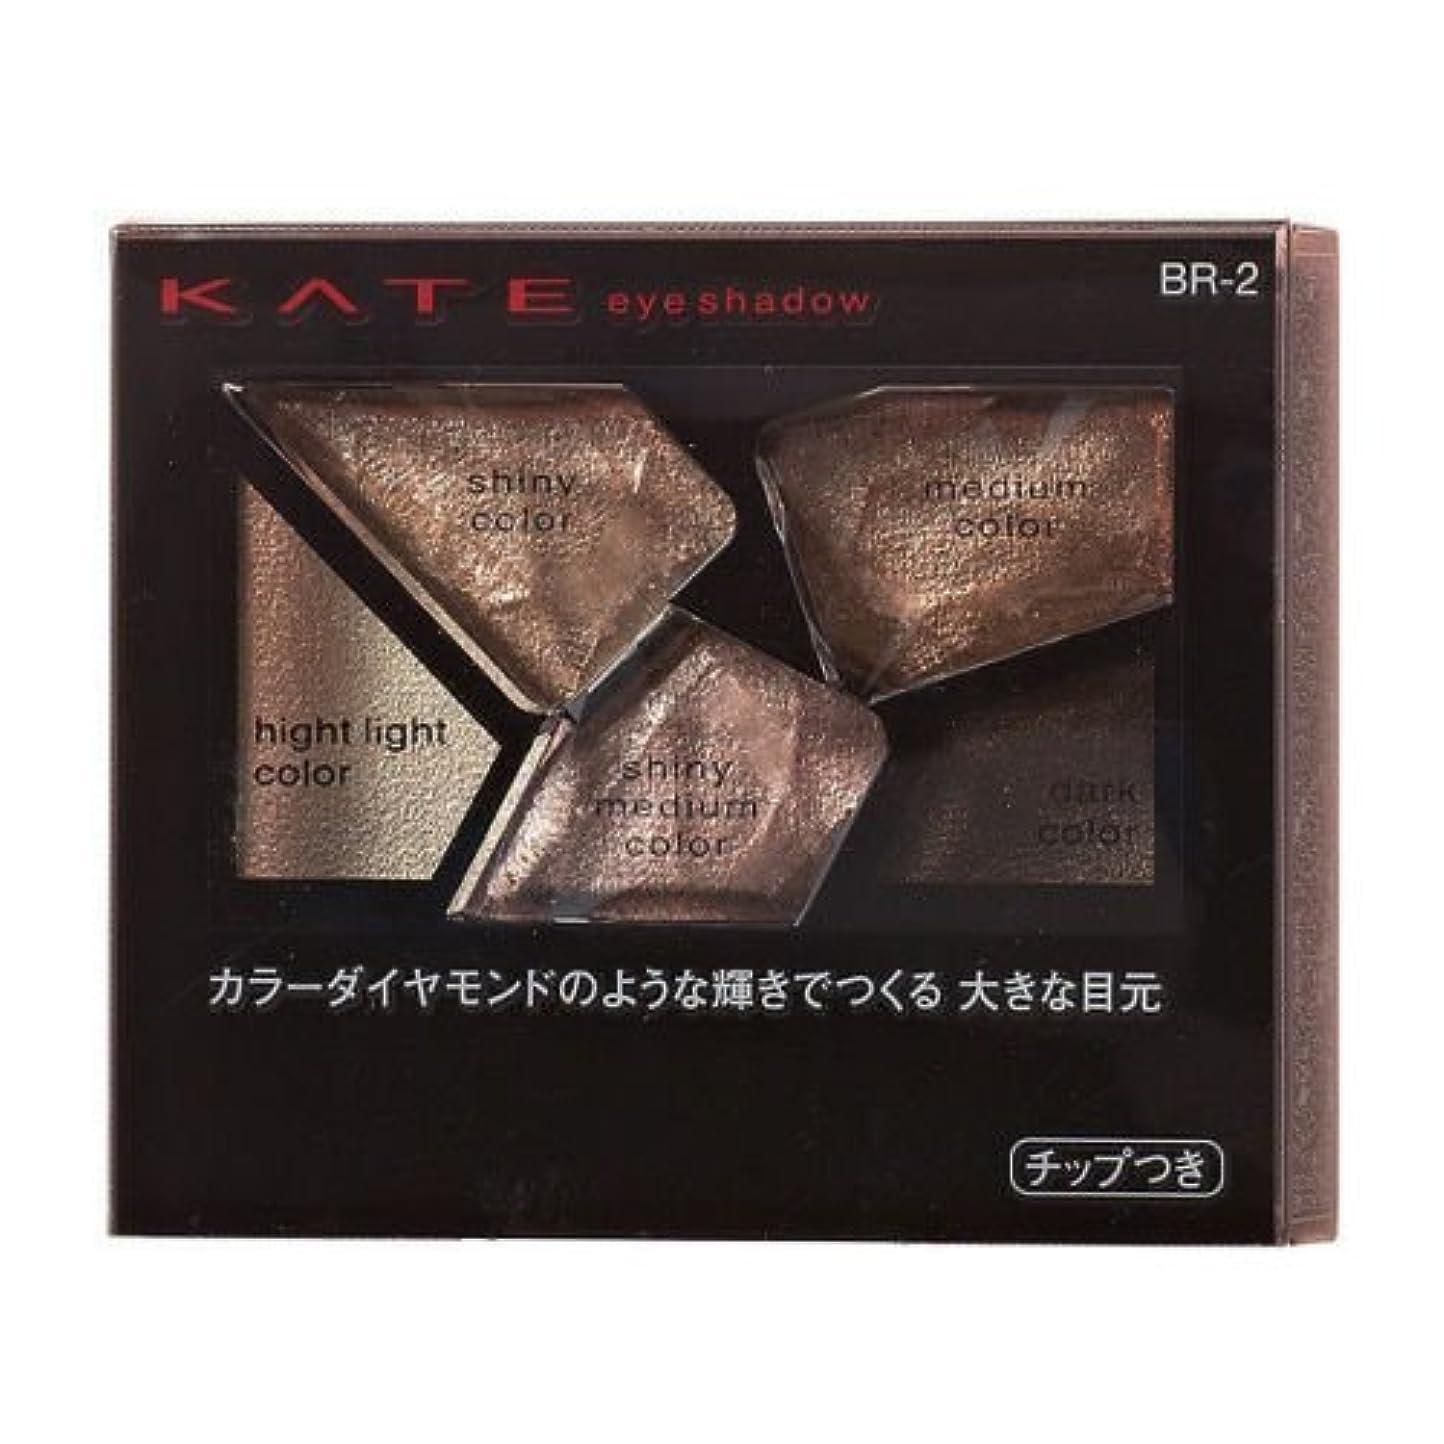 後継むき出しロバ【カネボウ】ケイト カラーシャスダイヤモンド #BR-2 2.8g